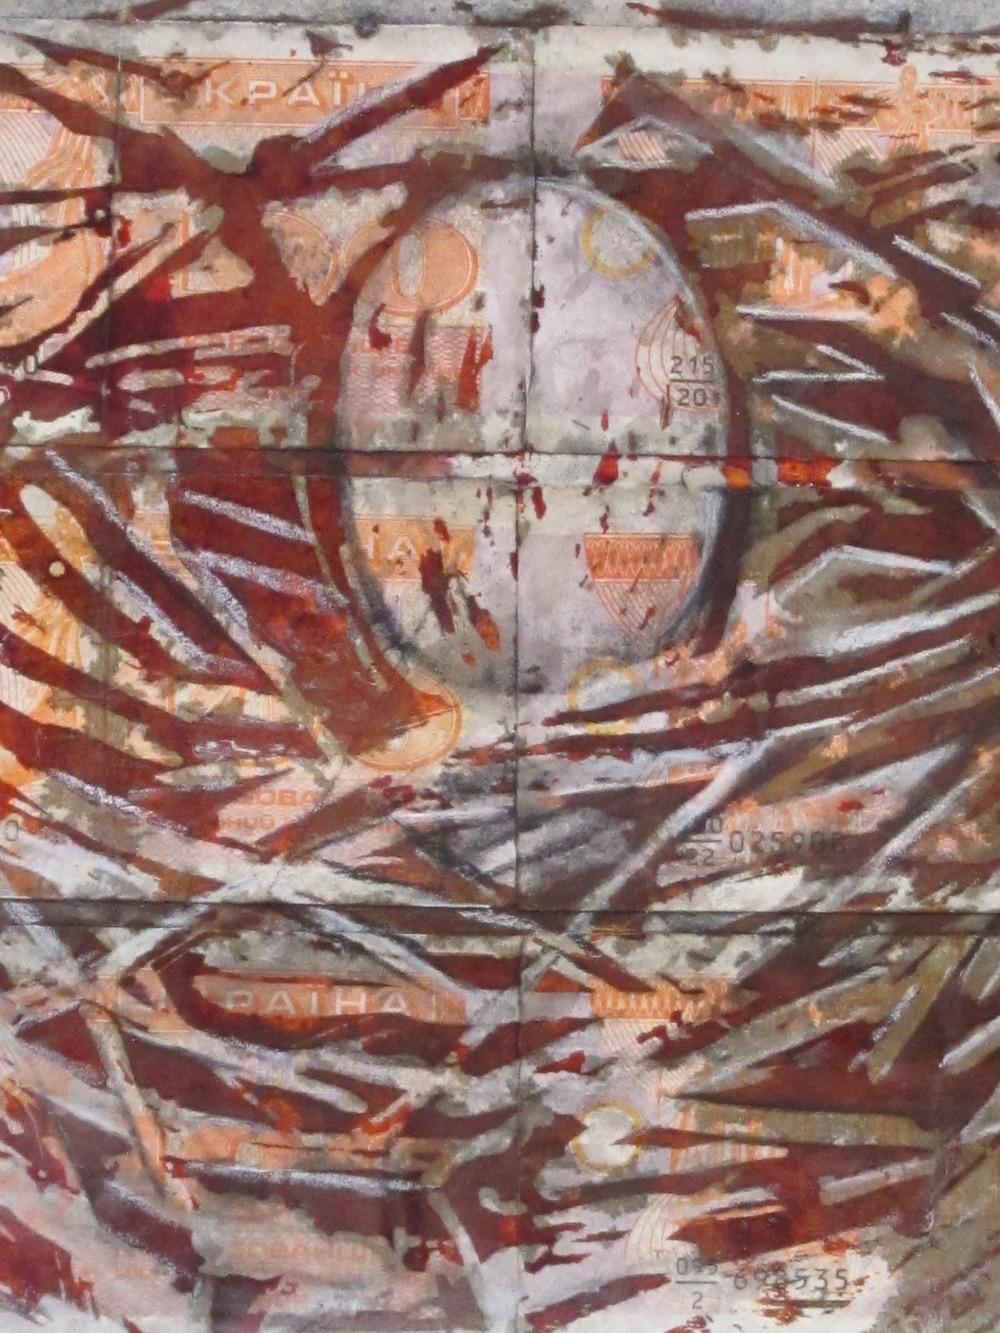 2co(1) - Nest Egg # 2 close-up detail.jpg